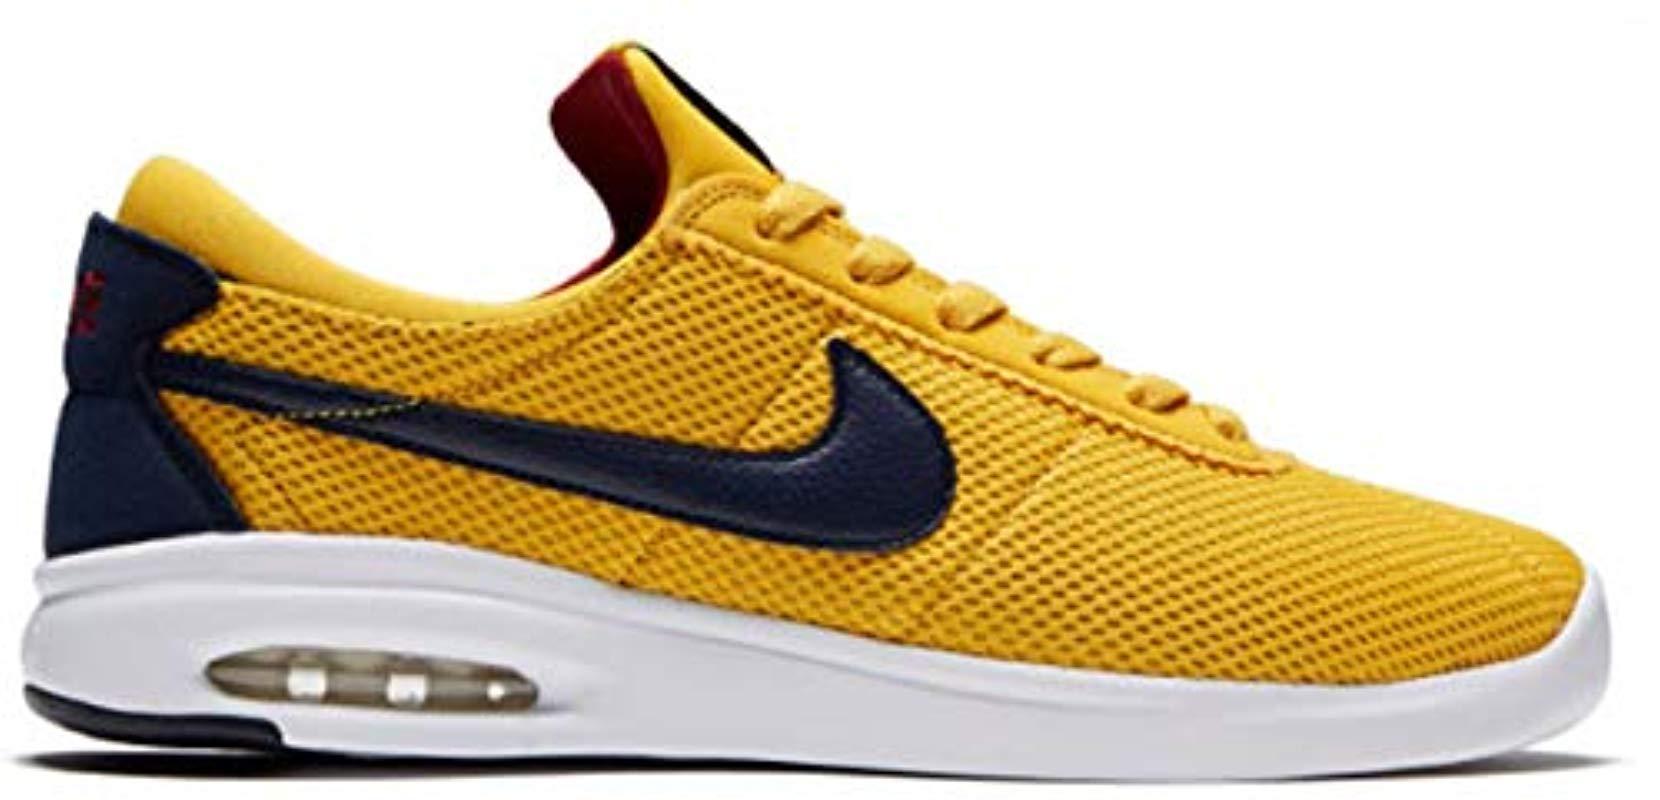 Nike Sb Air Max Bruin Vpr Txt Low-top